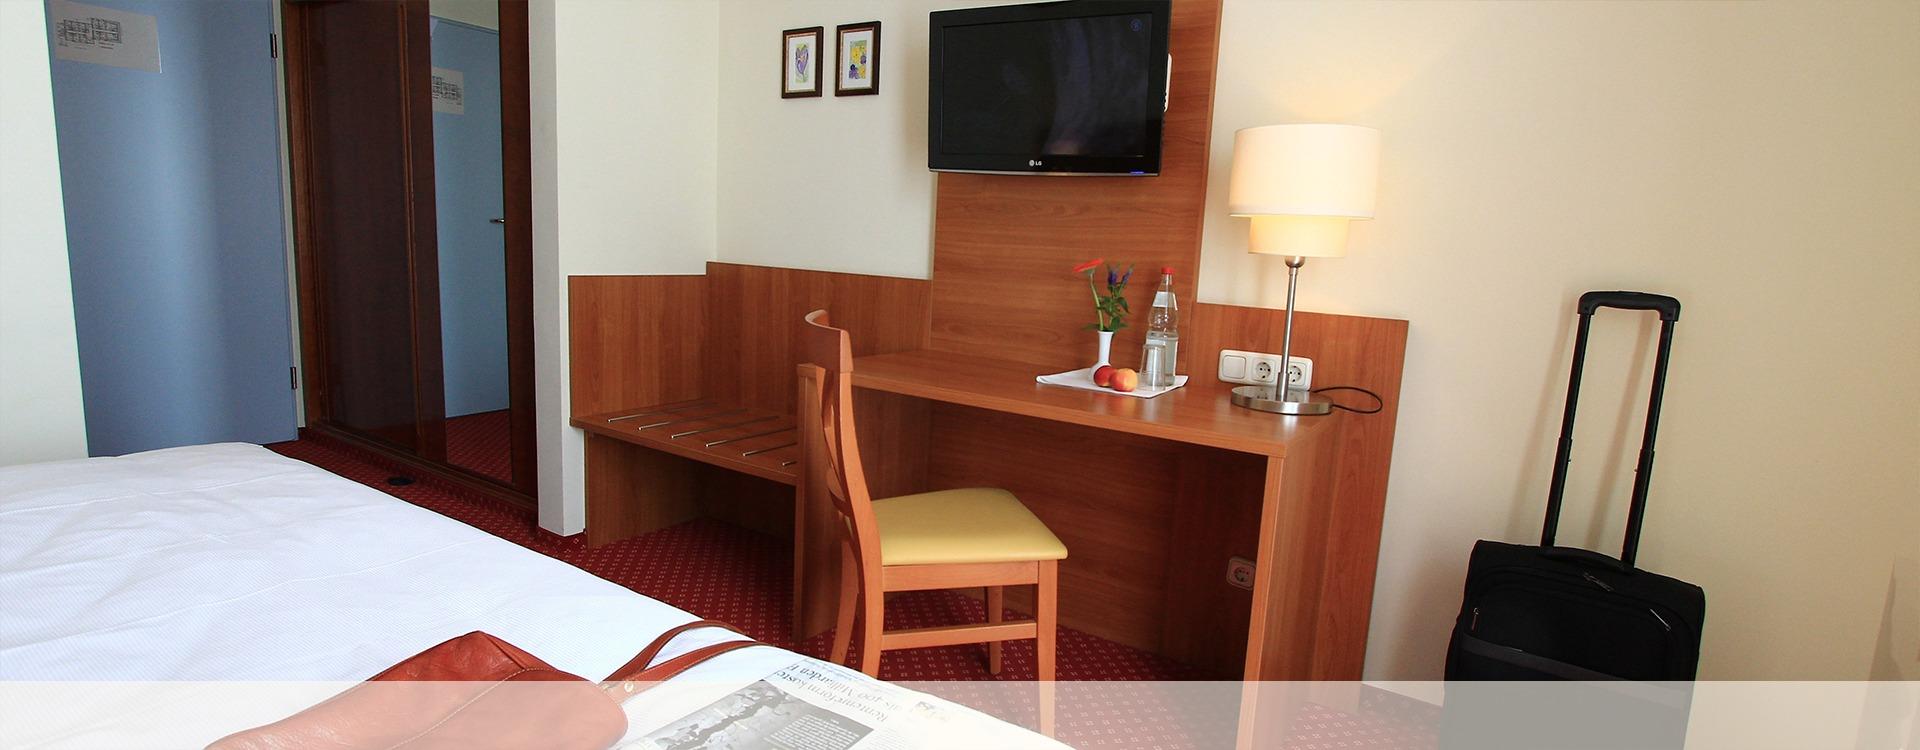 Hotelrezeption im Hotel Villa Eichenau, Zimmer